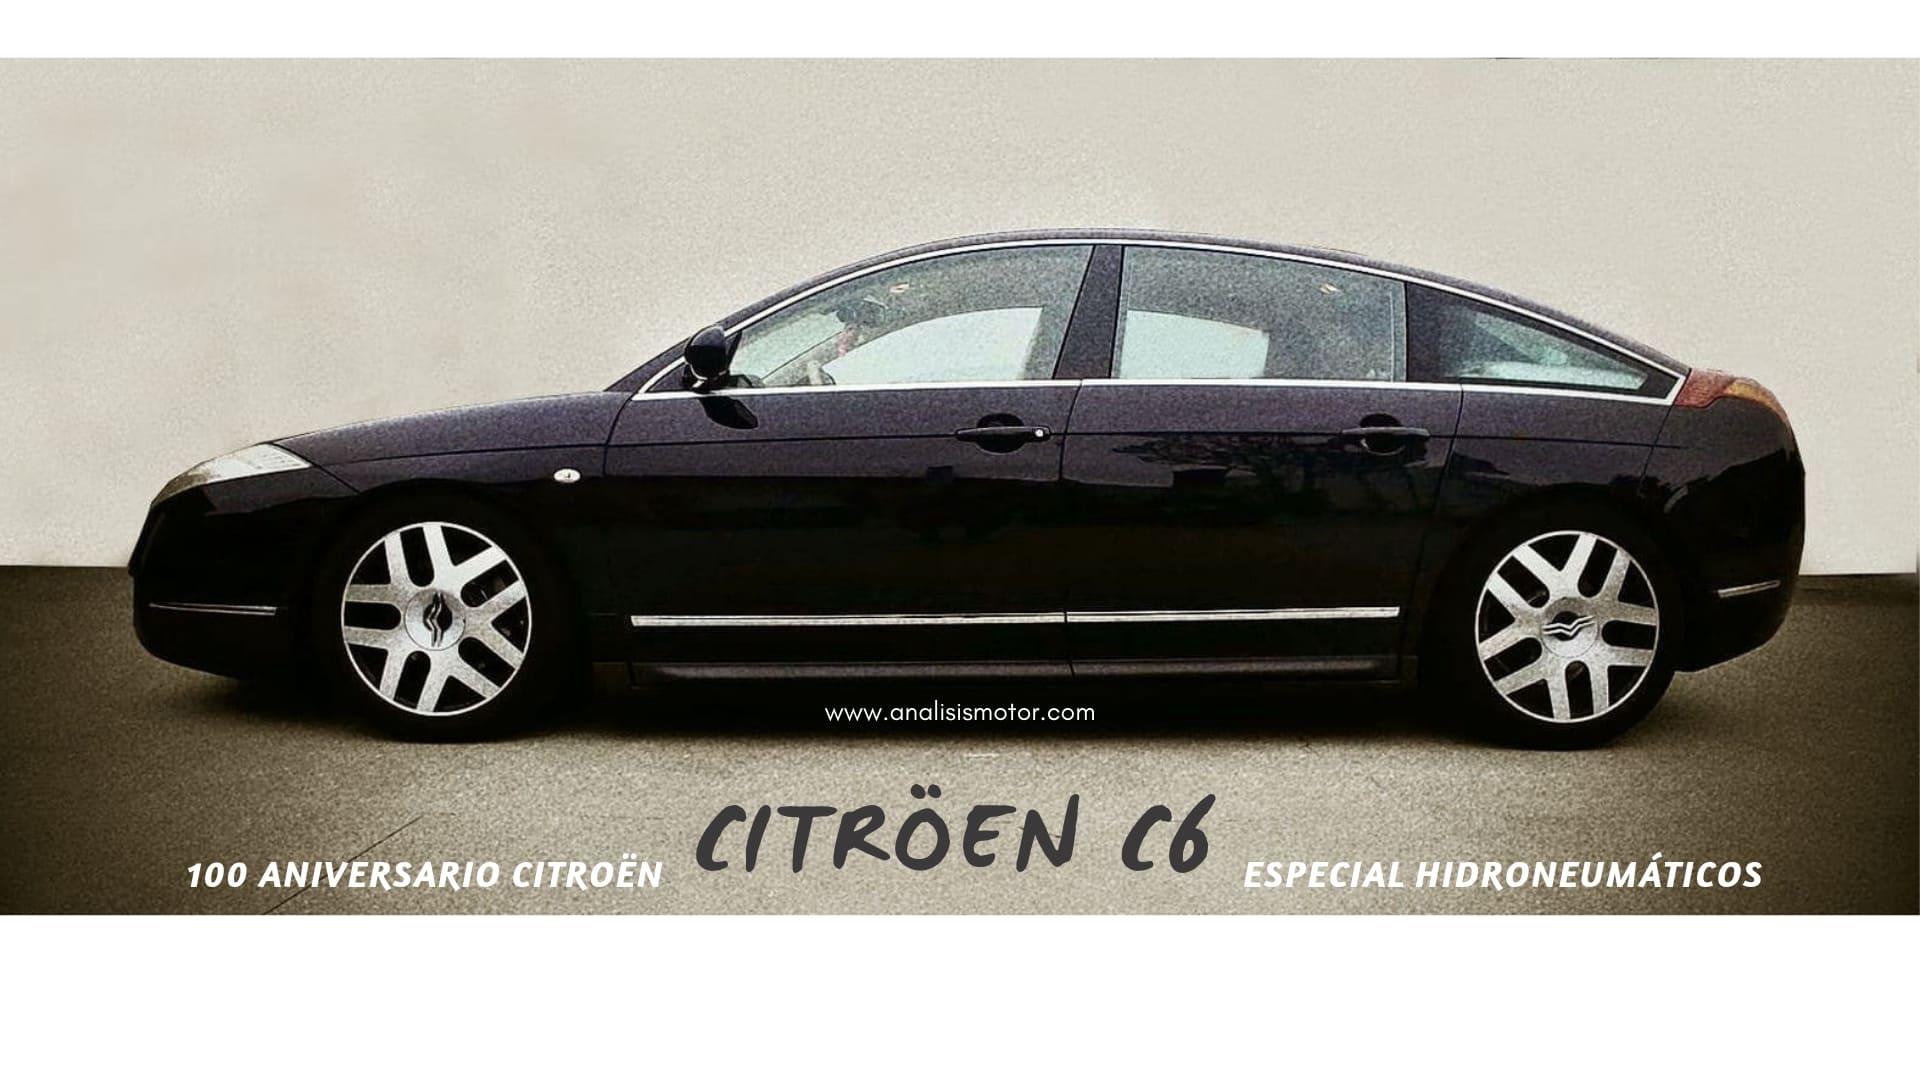 Todo sobre el Citröen C6: prueba, características, historia